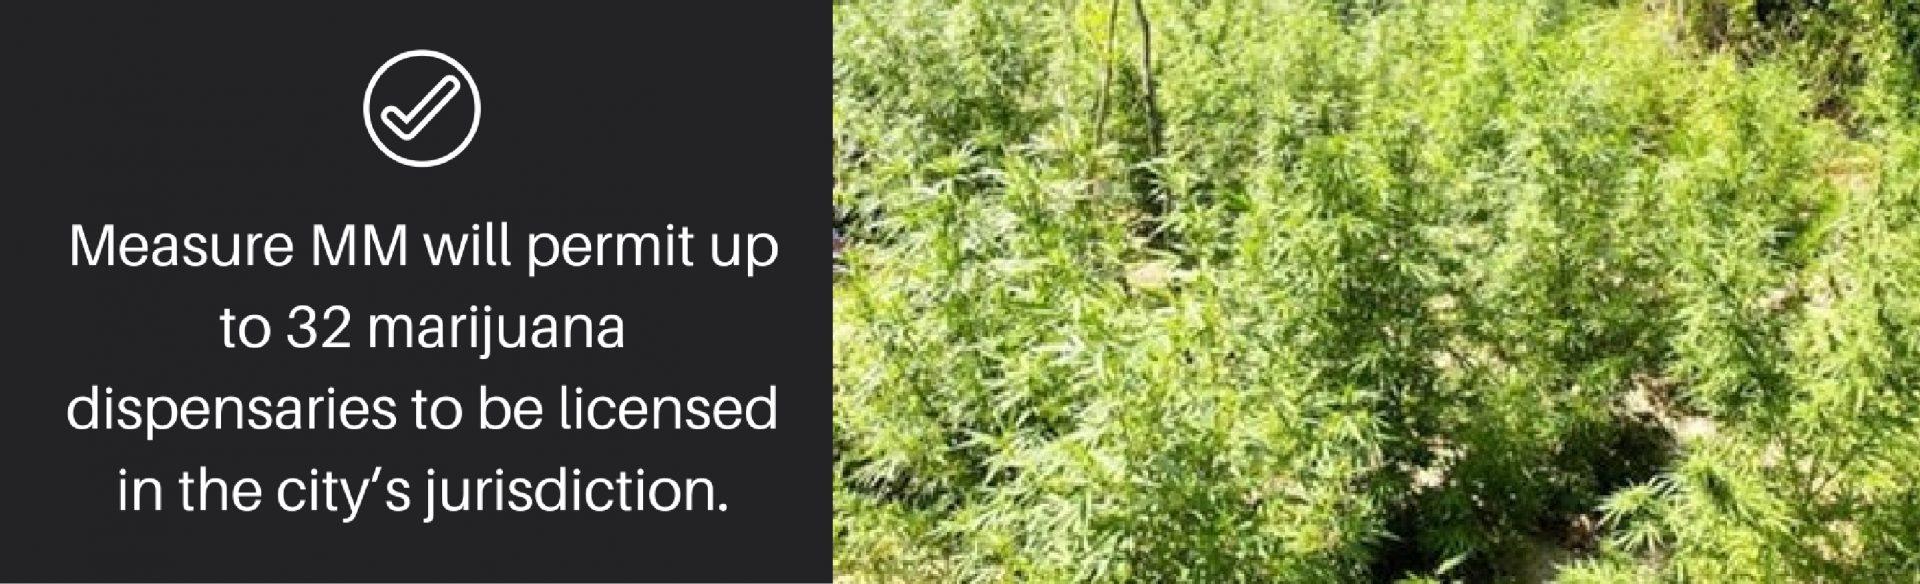 2-long-beach-marijuana